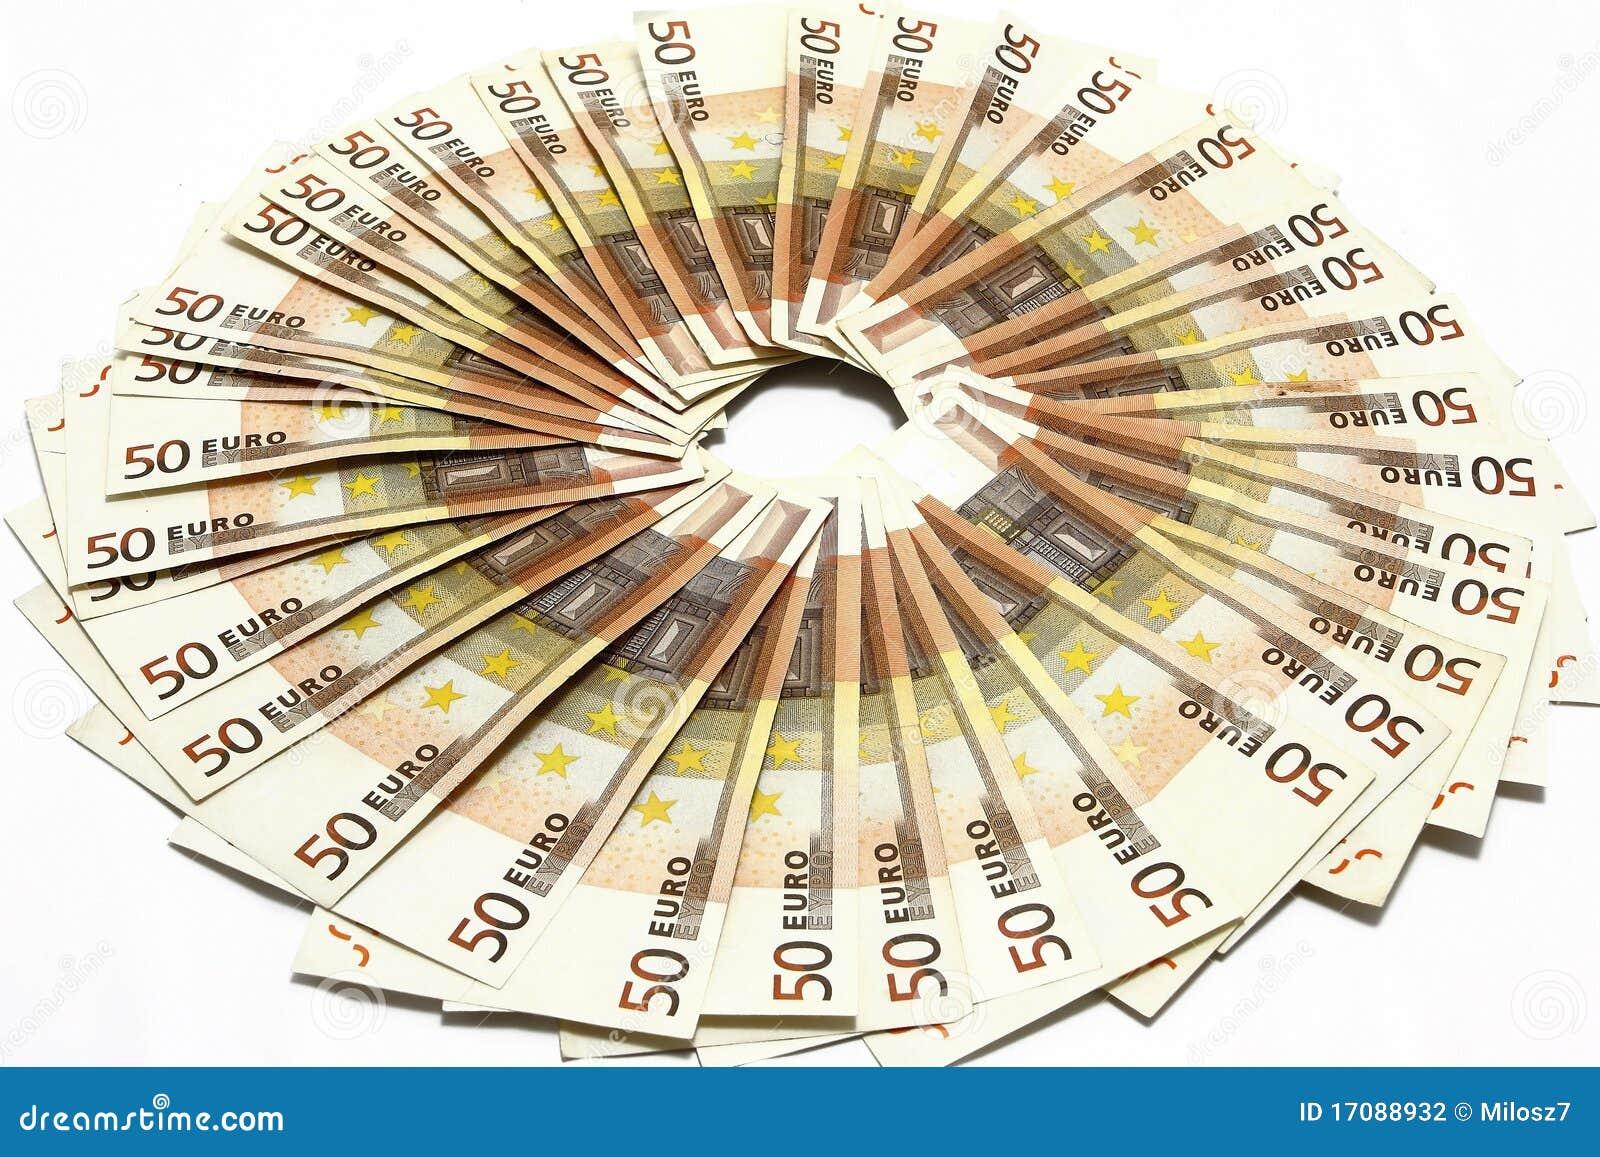 Fünfzig Eurorechnungen